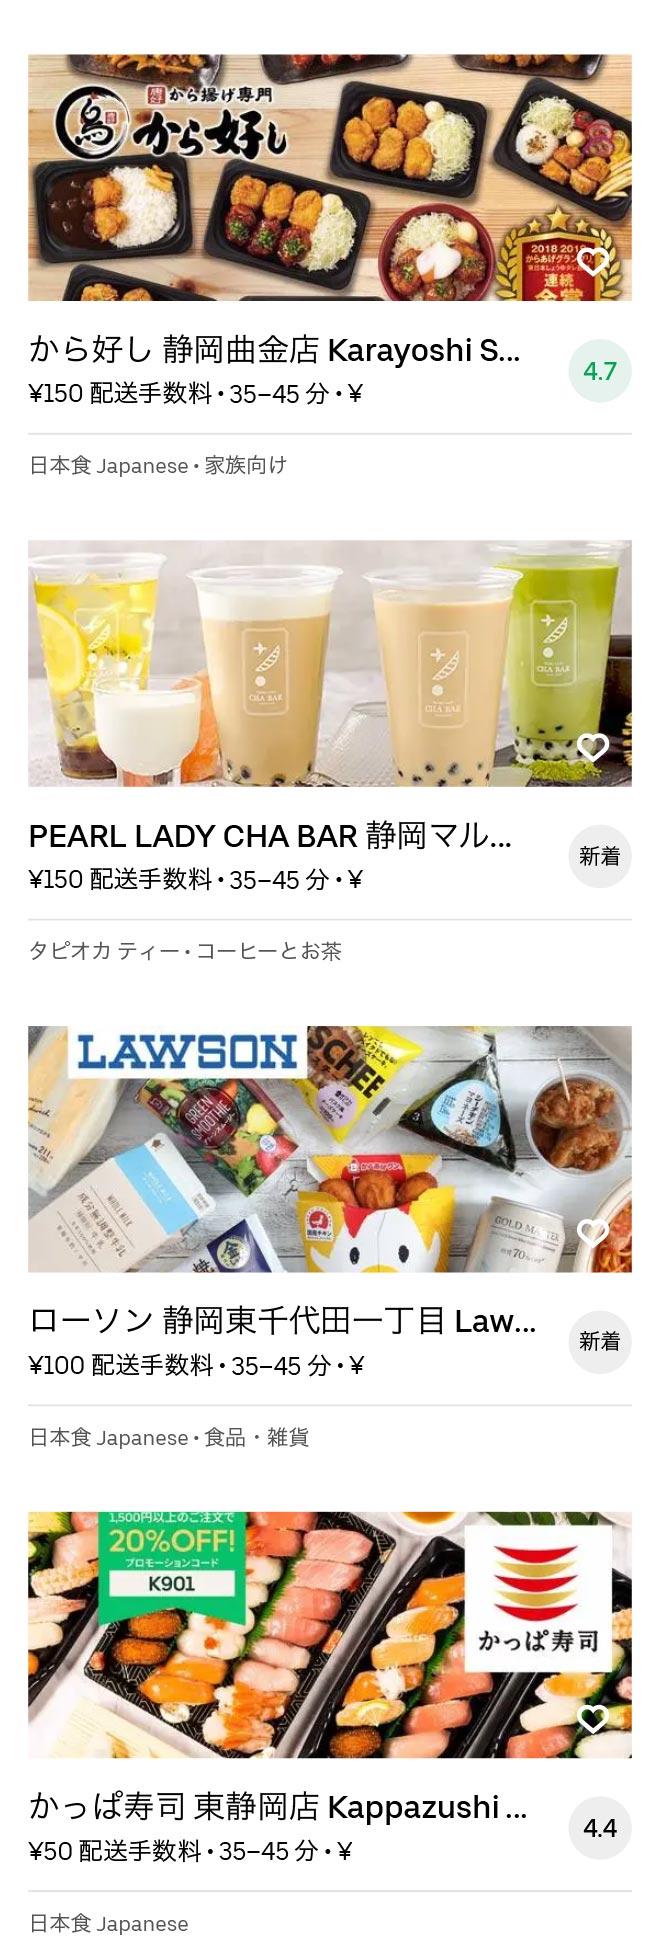 Higashi shizuoka menu 2010 03